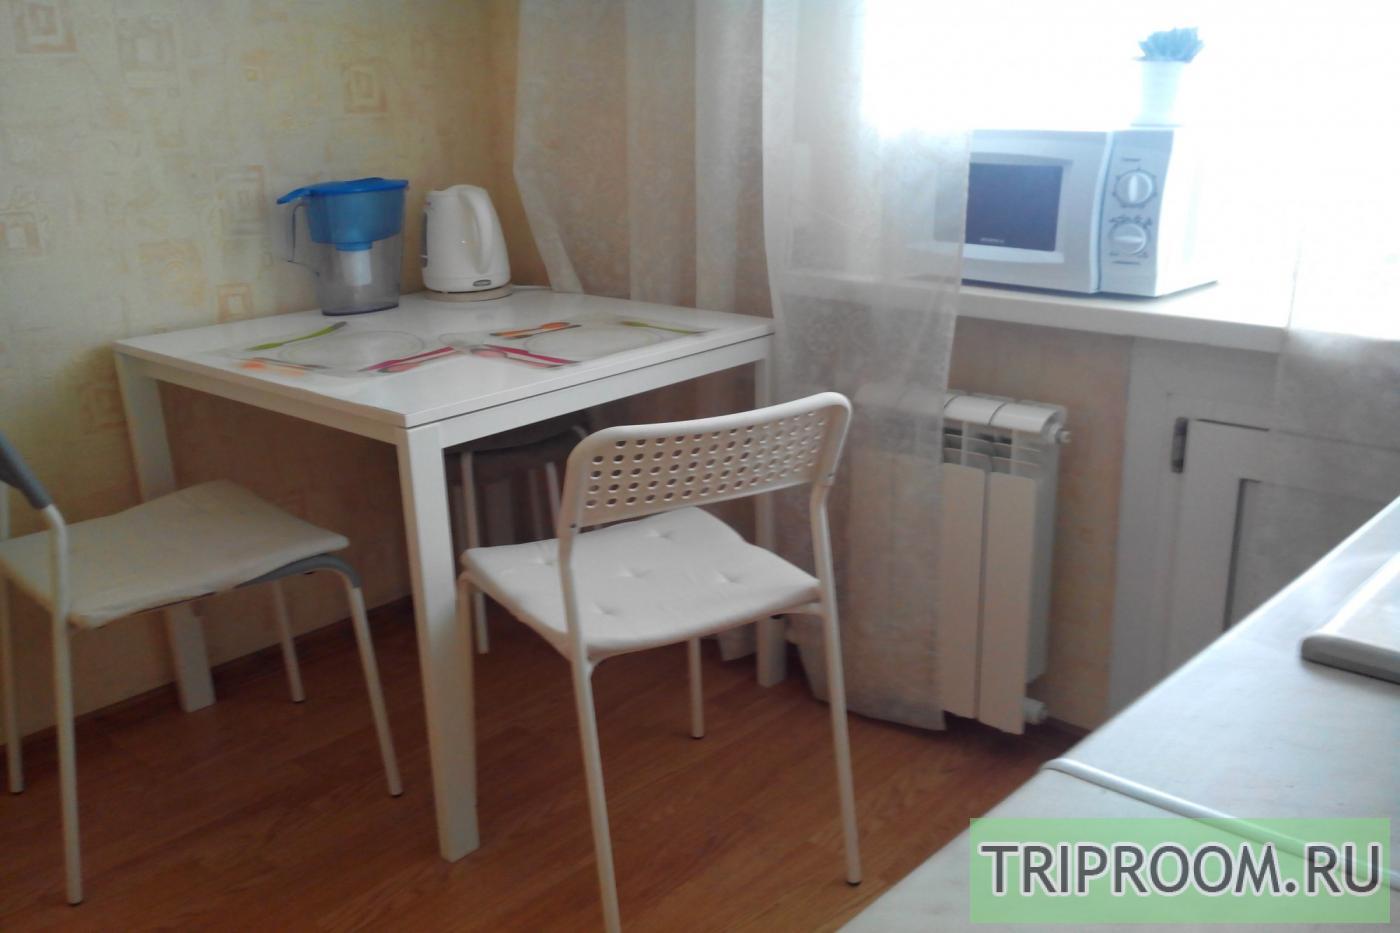 1-комнатная квартира посуточно (вариант № 5966), ул. Гоголя улица, фото № 22